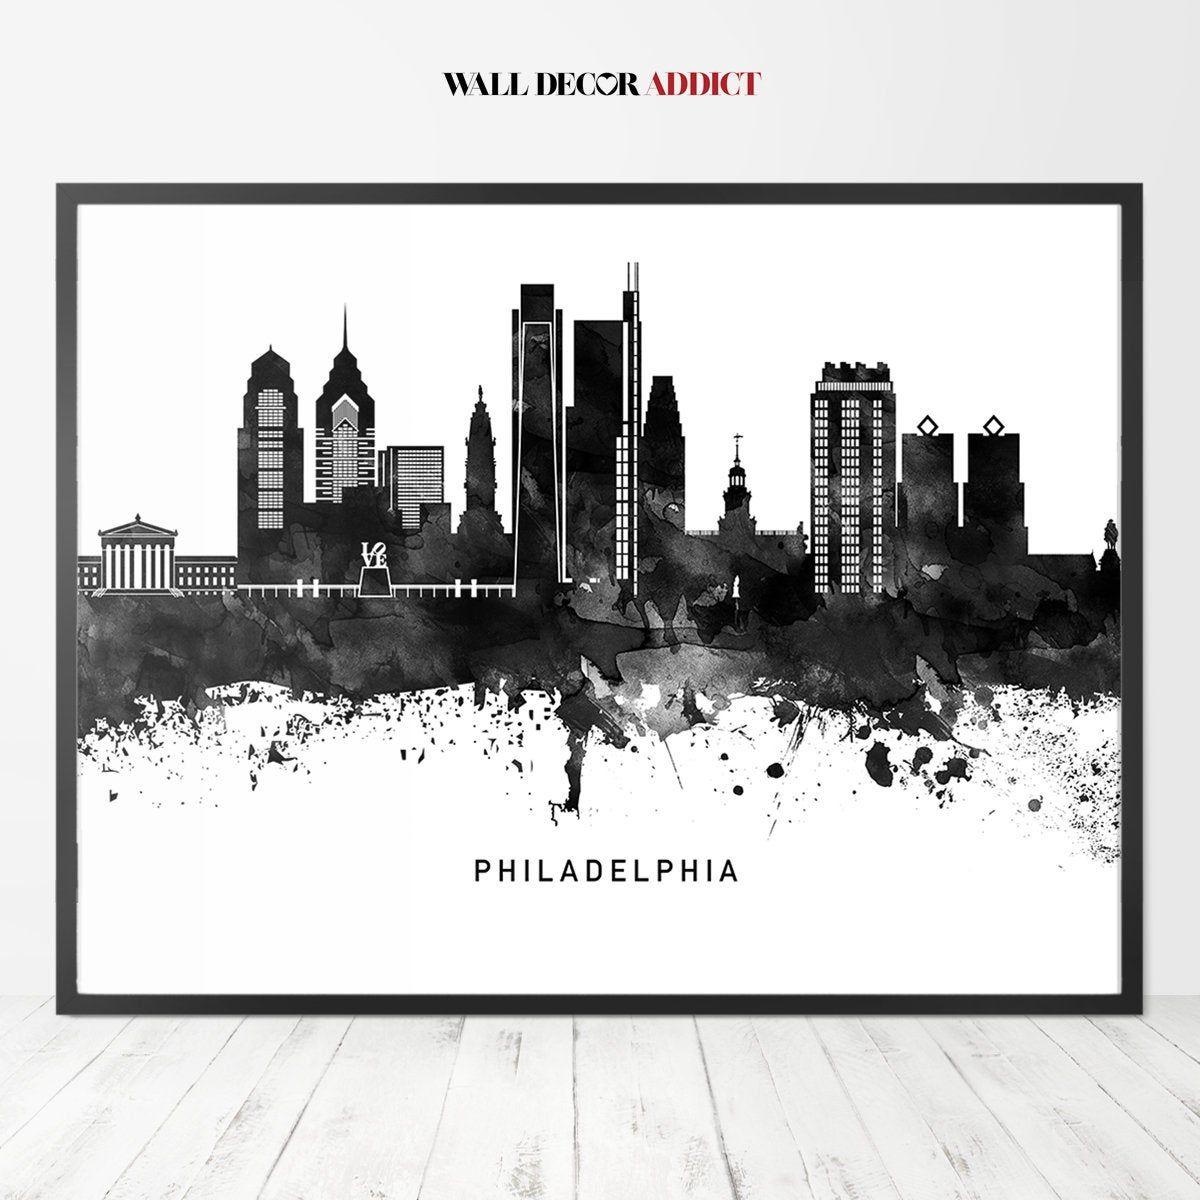 Philadelphia Print Philadelphia Skyline Poster Philadelphia Black And White Wall Art Home D Philadelphia Skyline Philadelphia Print Black And White Wall Art